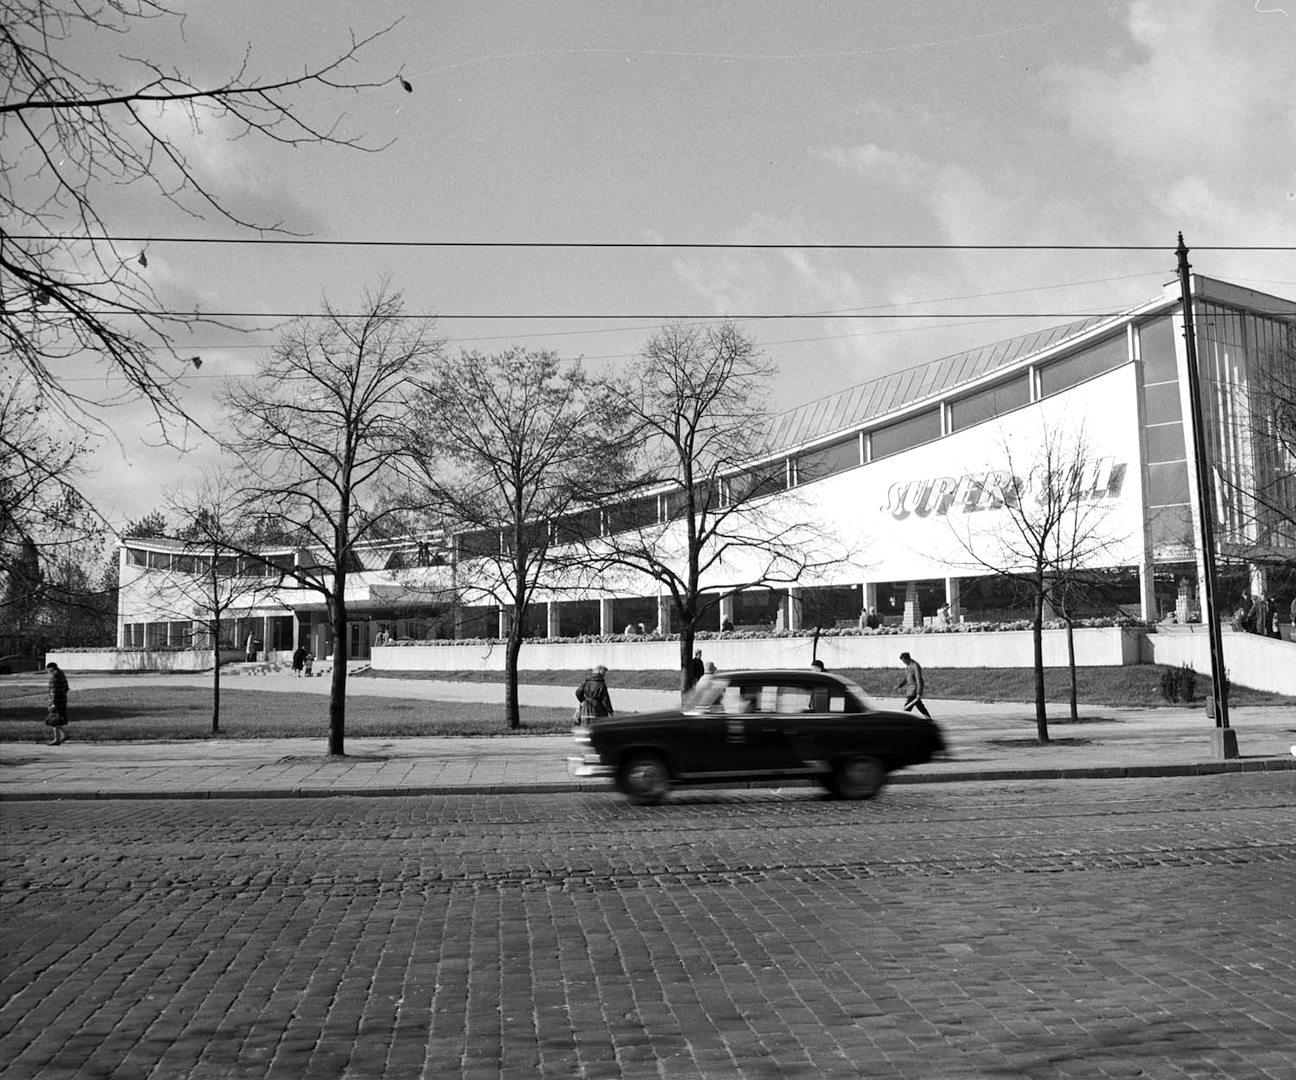 Der Supersam in Warschau. Platz der Union von Lublin, Warschau. Entworfen von Jerzy Hryniewiecki, Maciej Krasinski, Ewa Krasinski. Erbaut 1962, abgerissen 2006